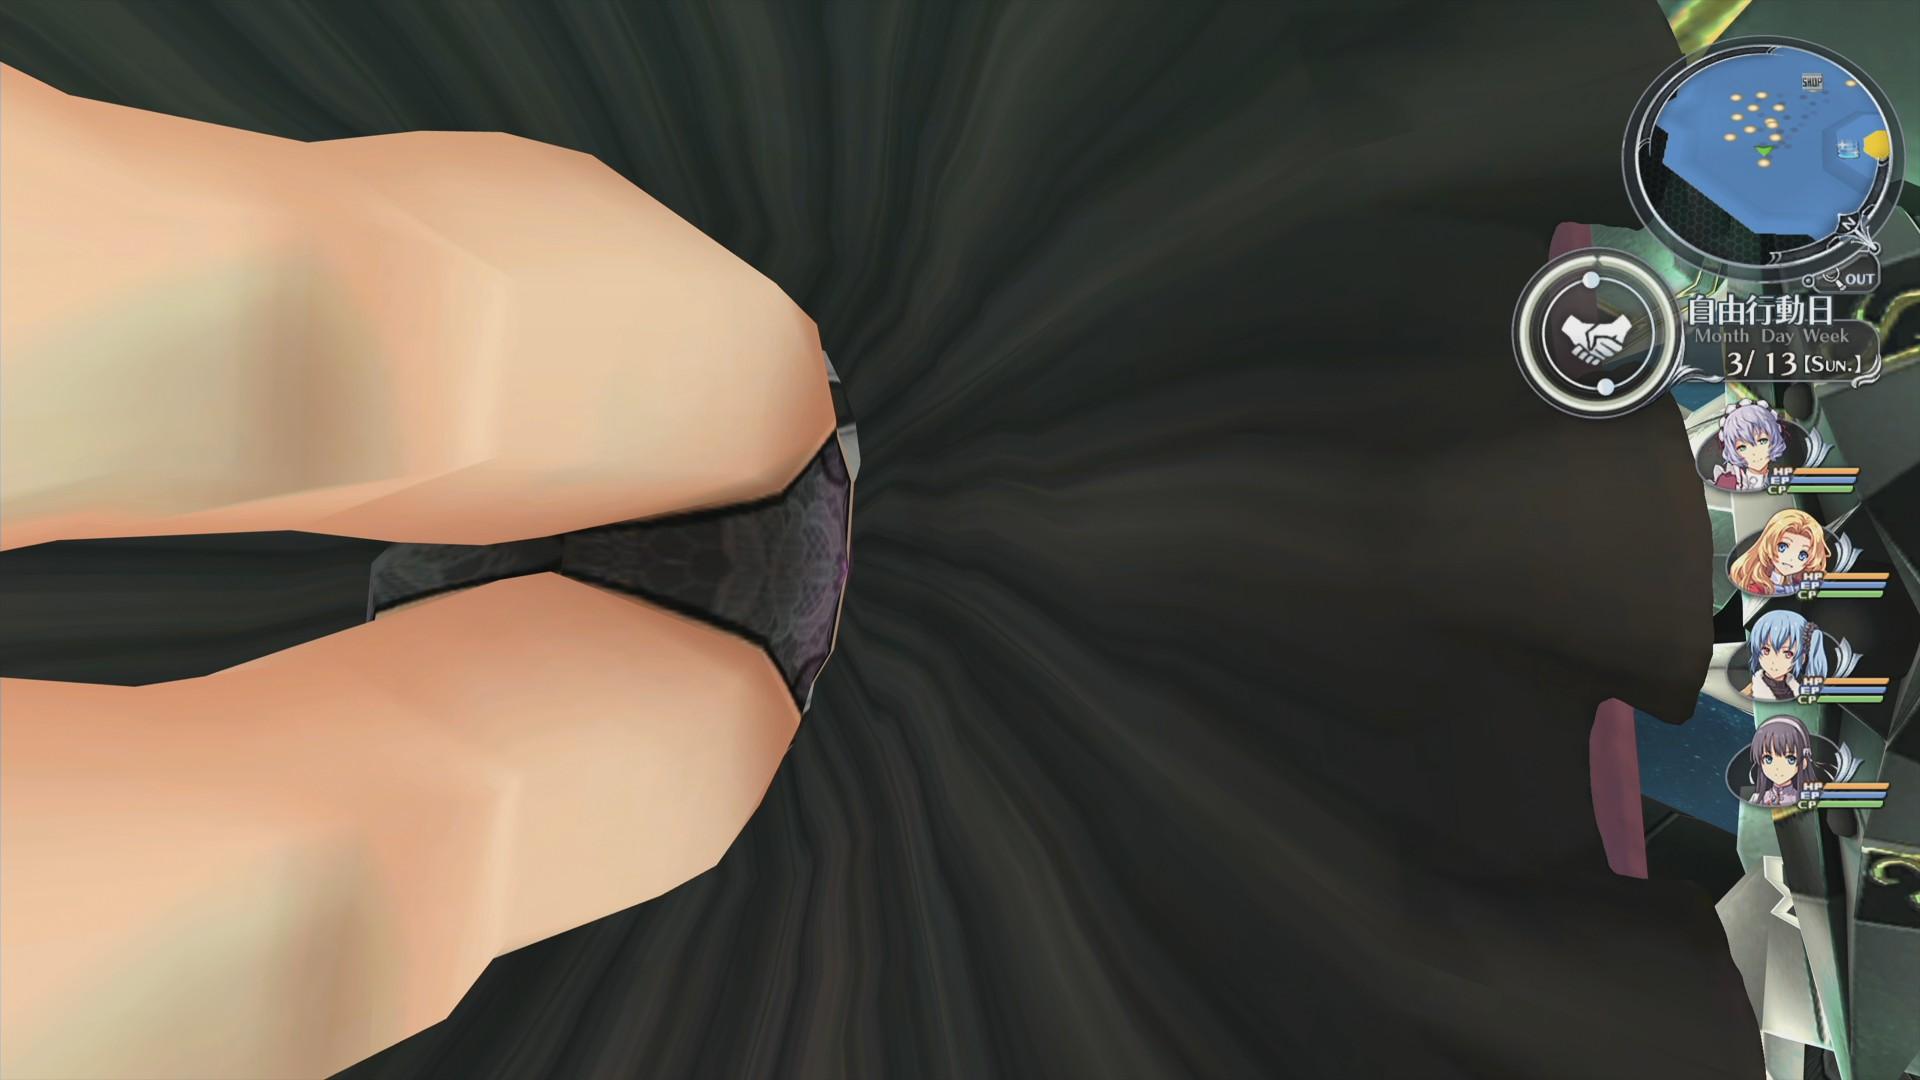 シャロンのパンツ画像